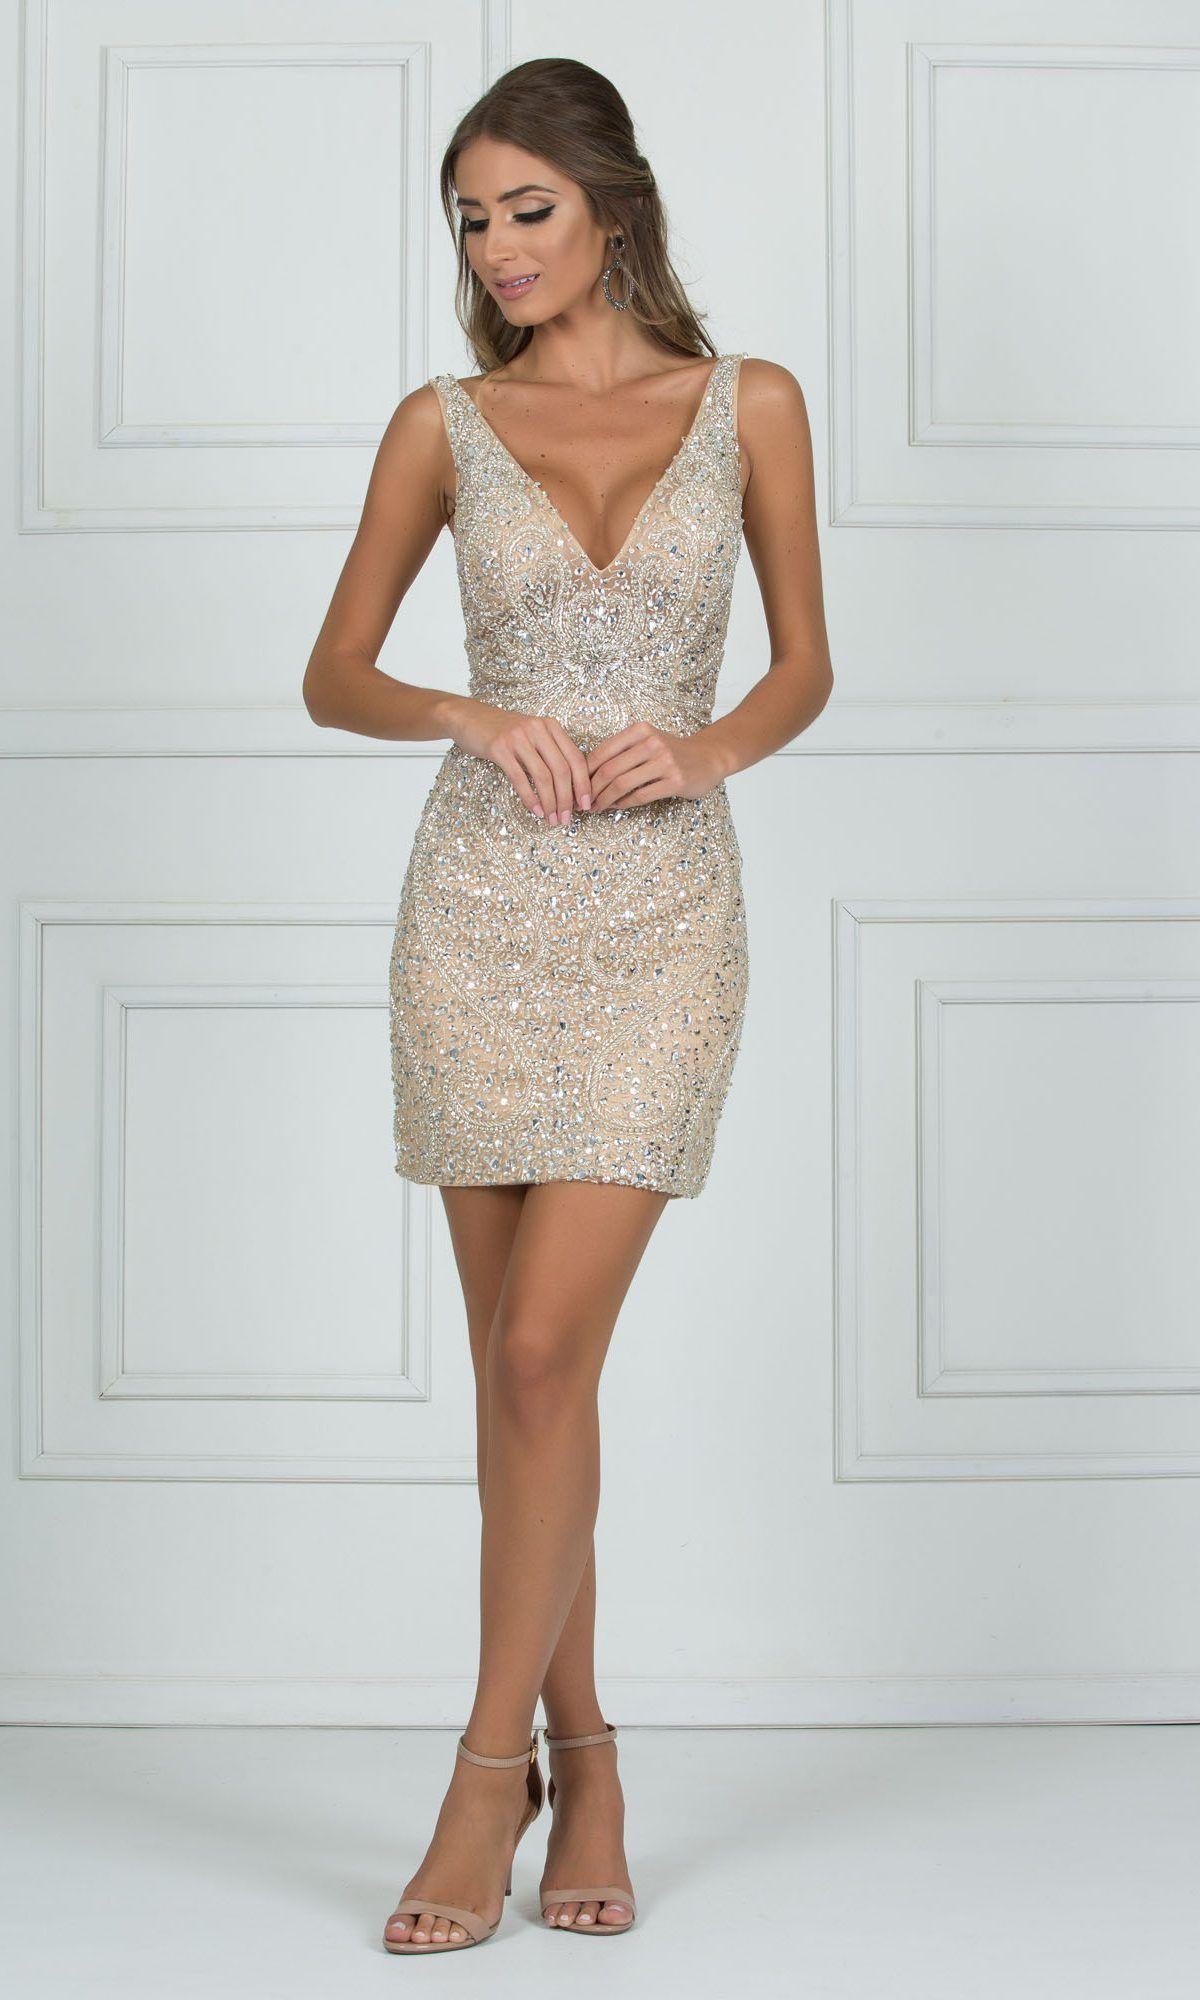 97db70a468 vestido curto dourado com pedraria